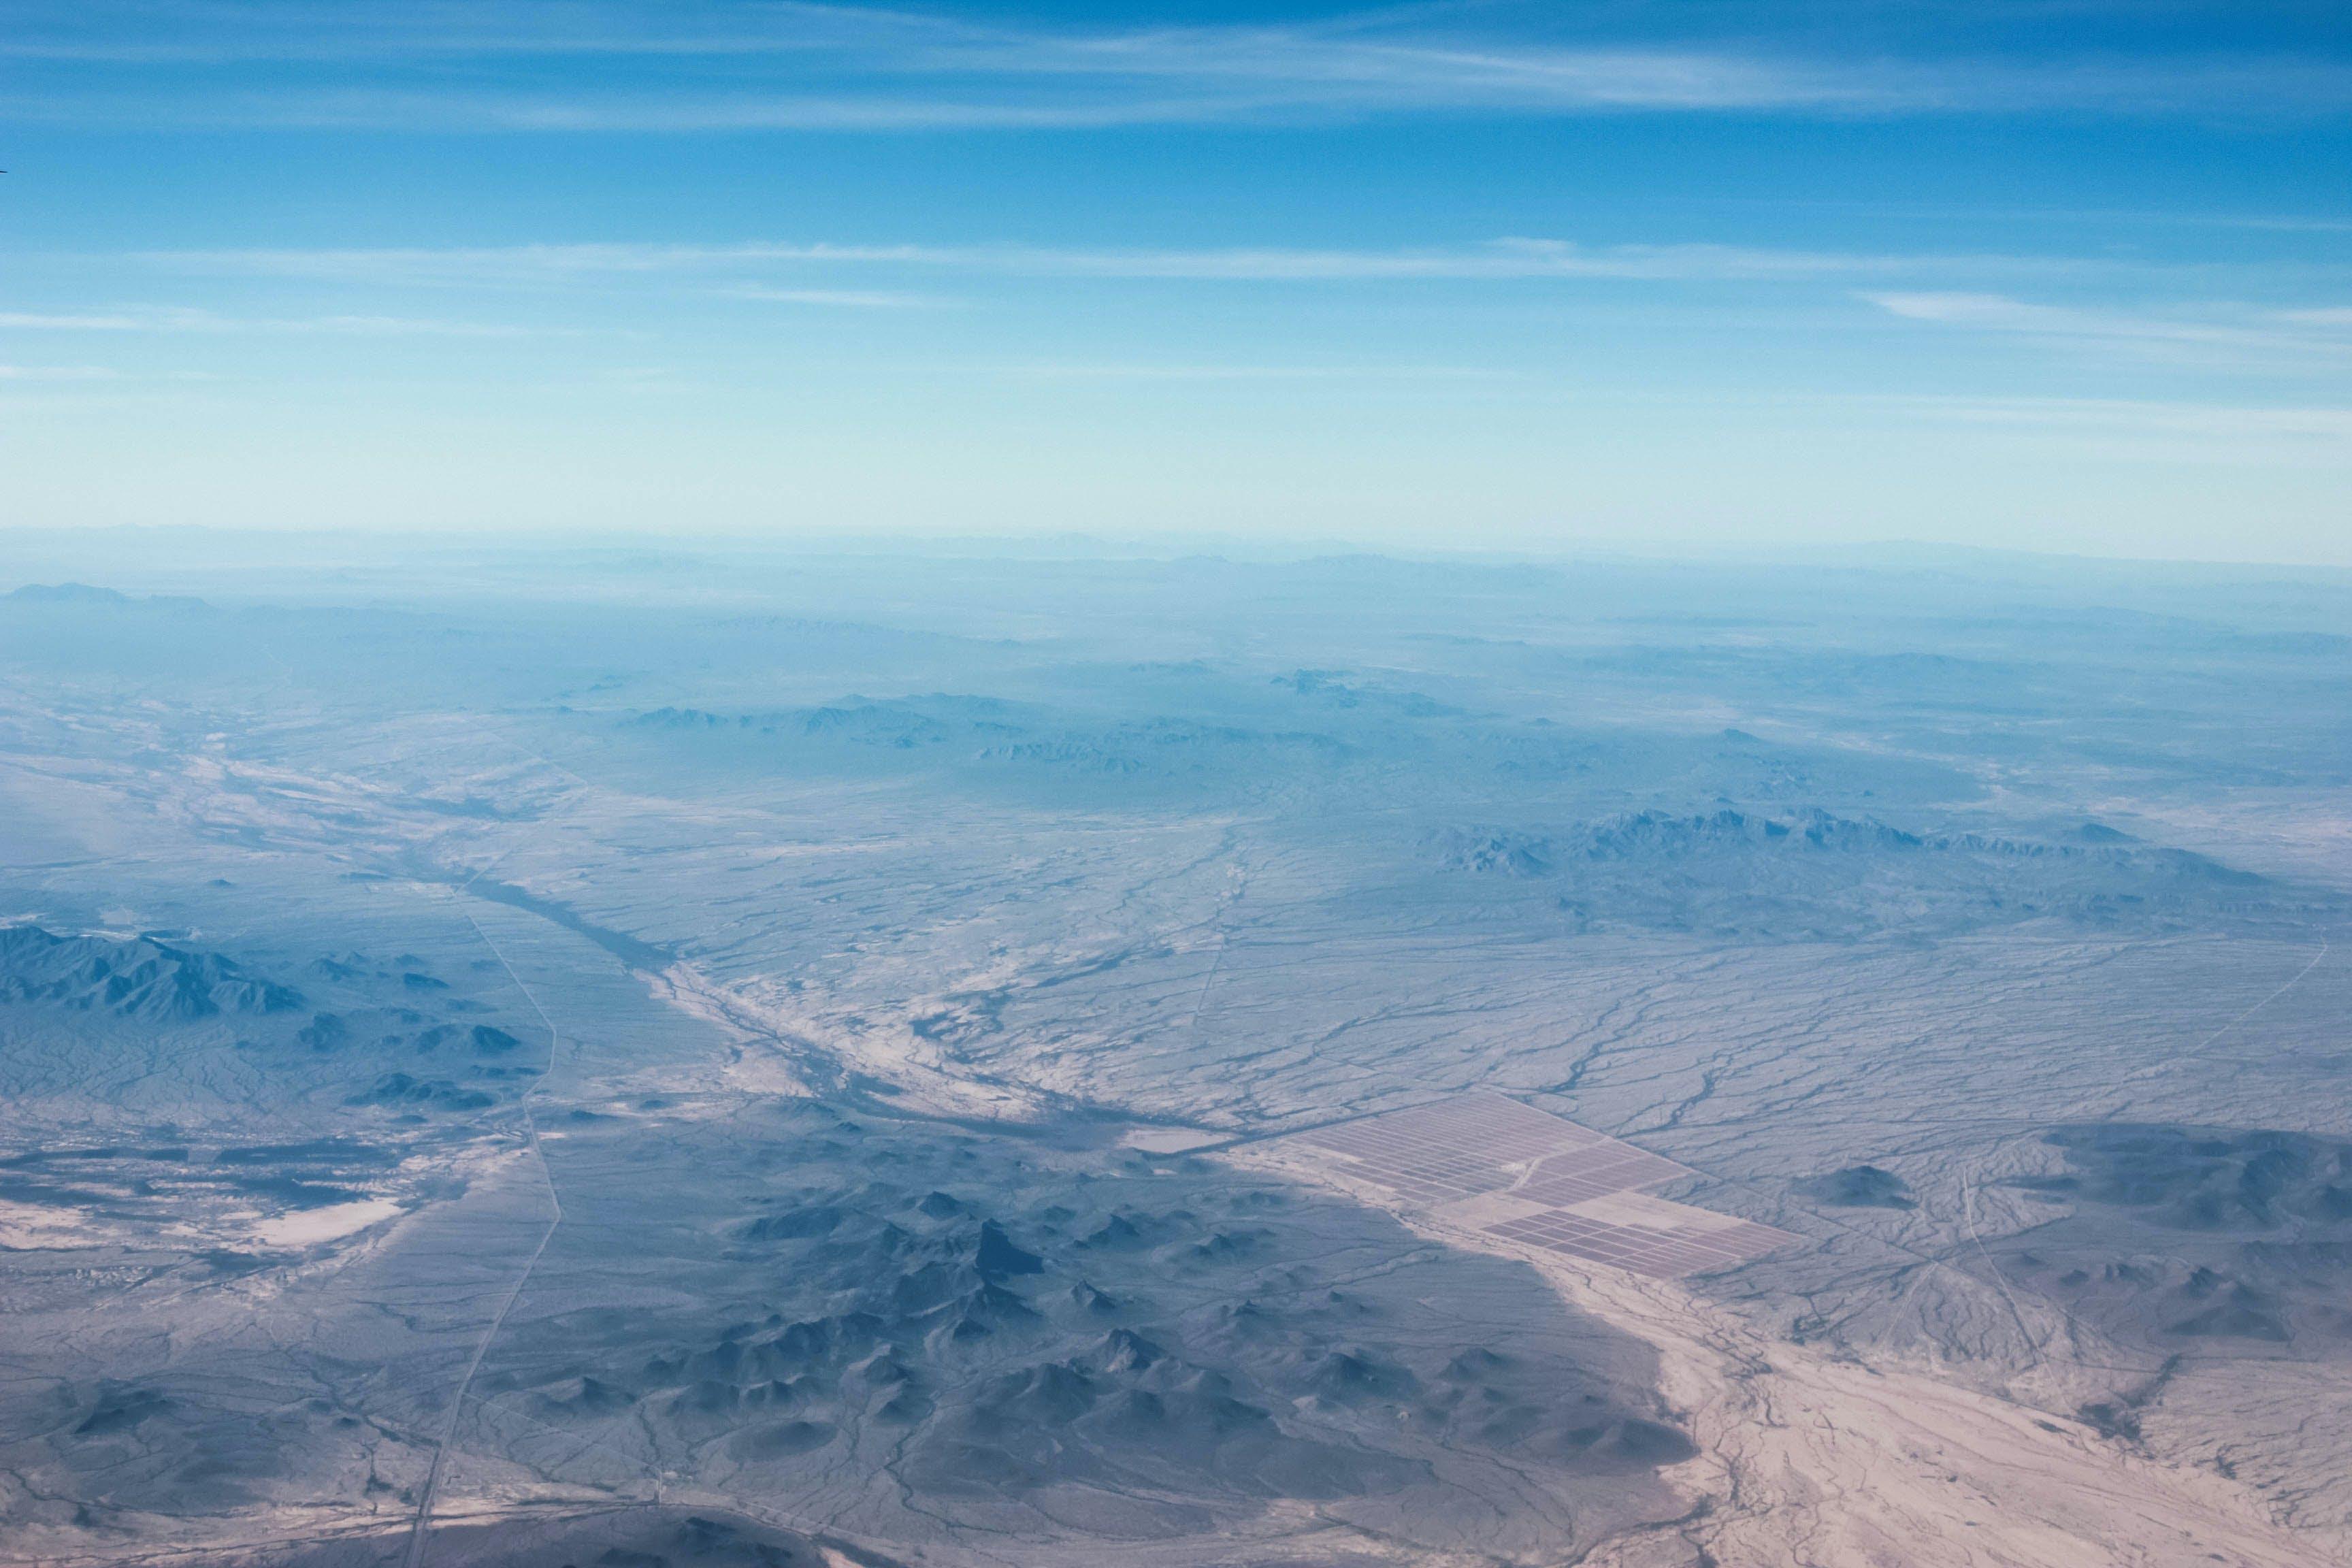 Kostenloses Stock Foto zu abenteuer, berge, blauer himmel, dämmerung